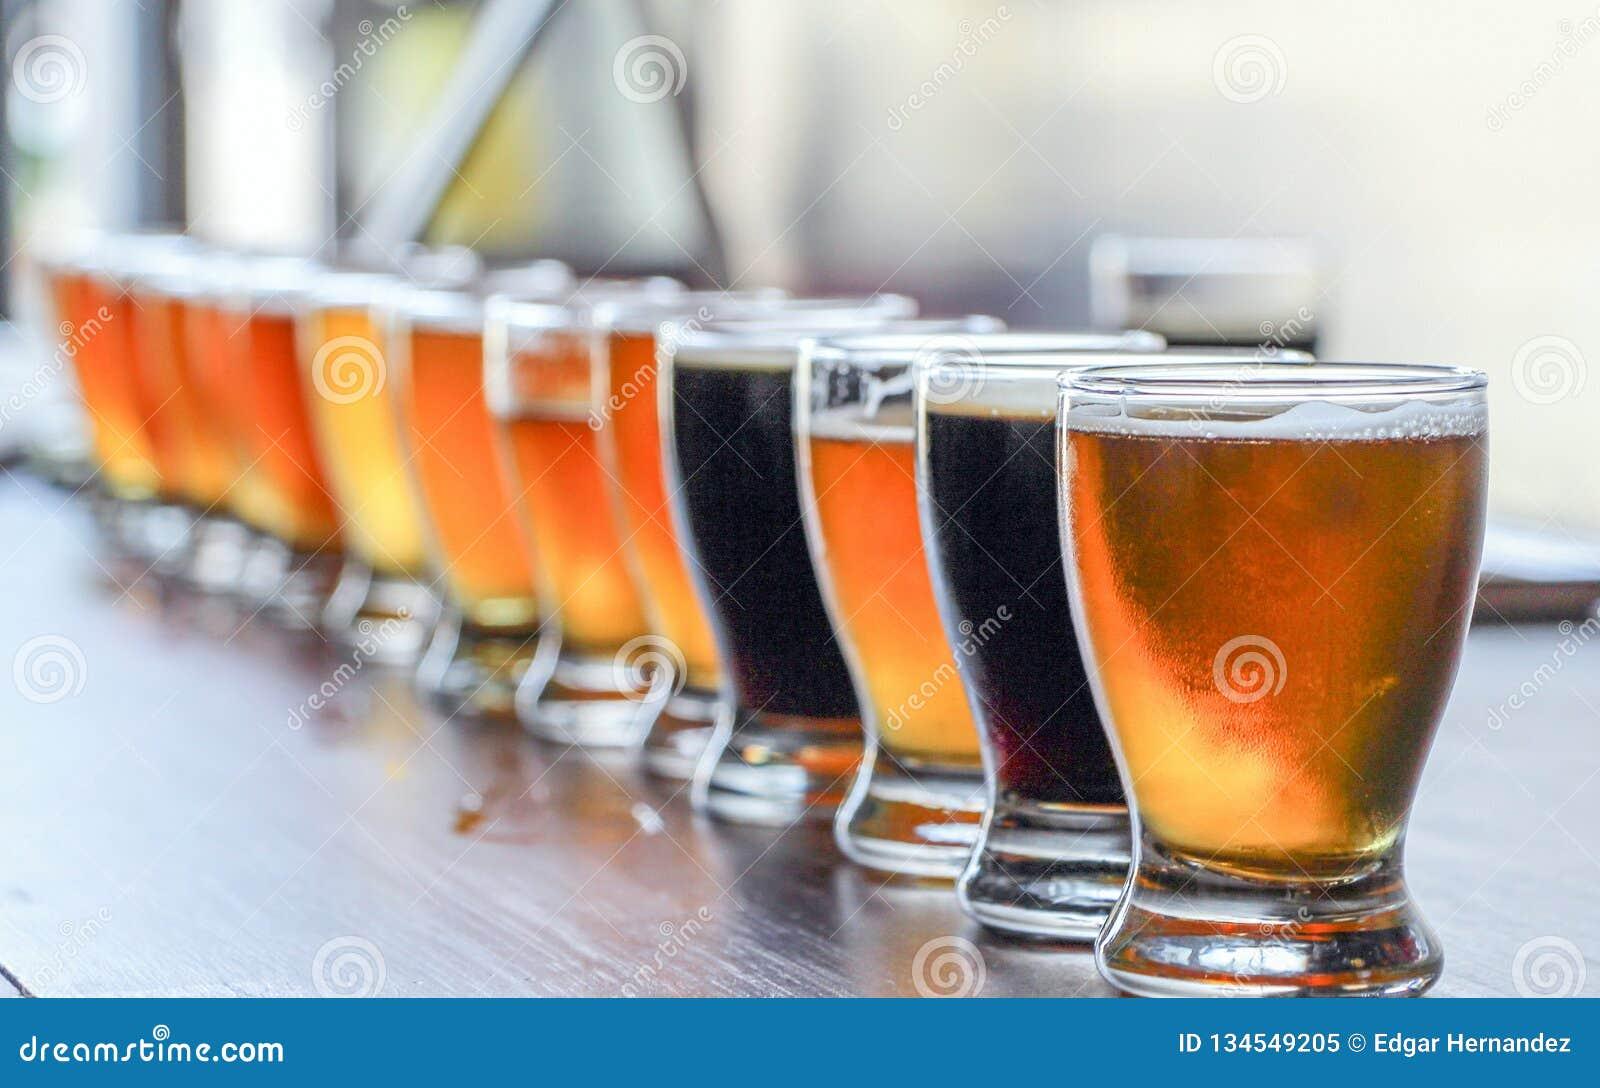 Voo do gosto da cerveja do ofício do Microbrewery